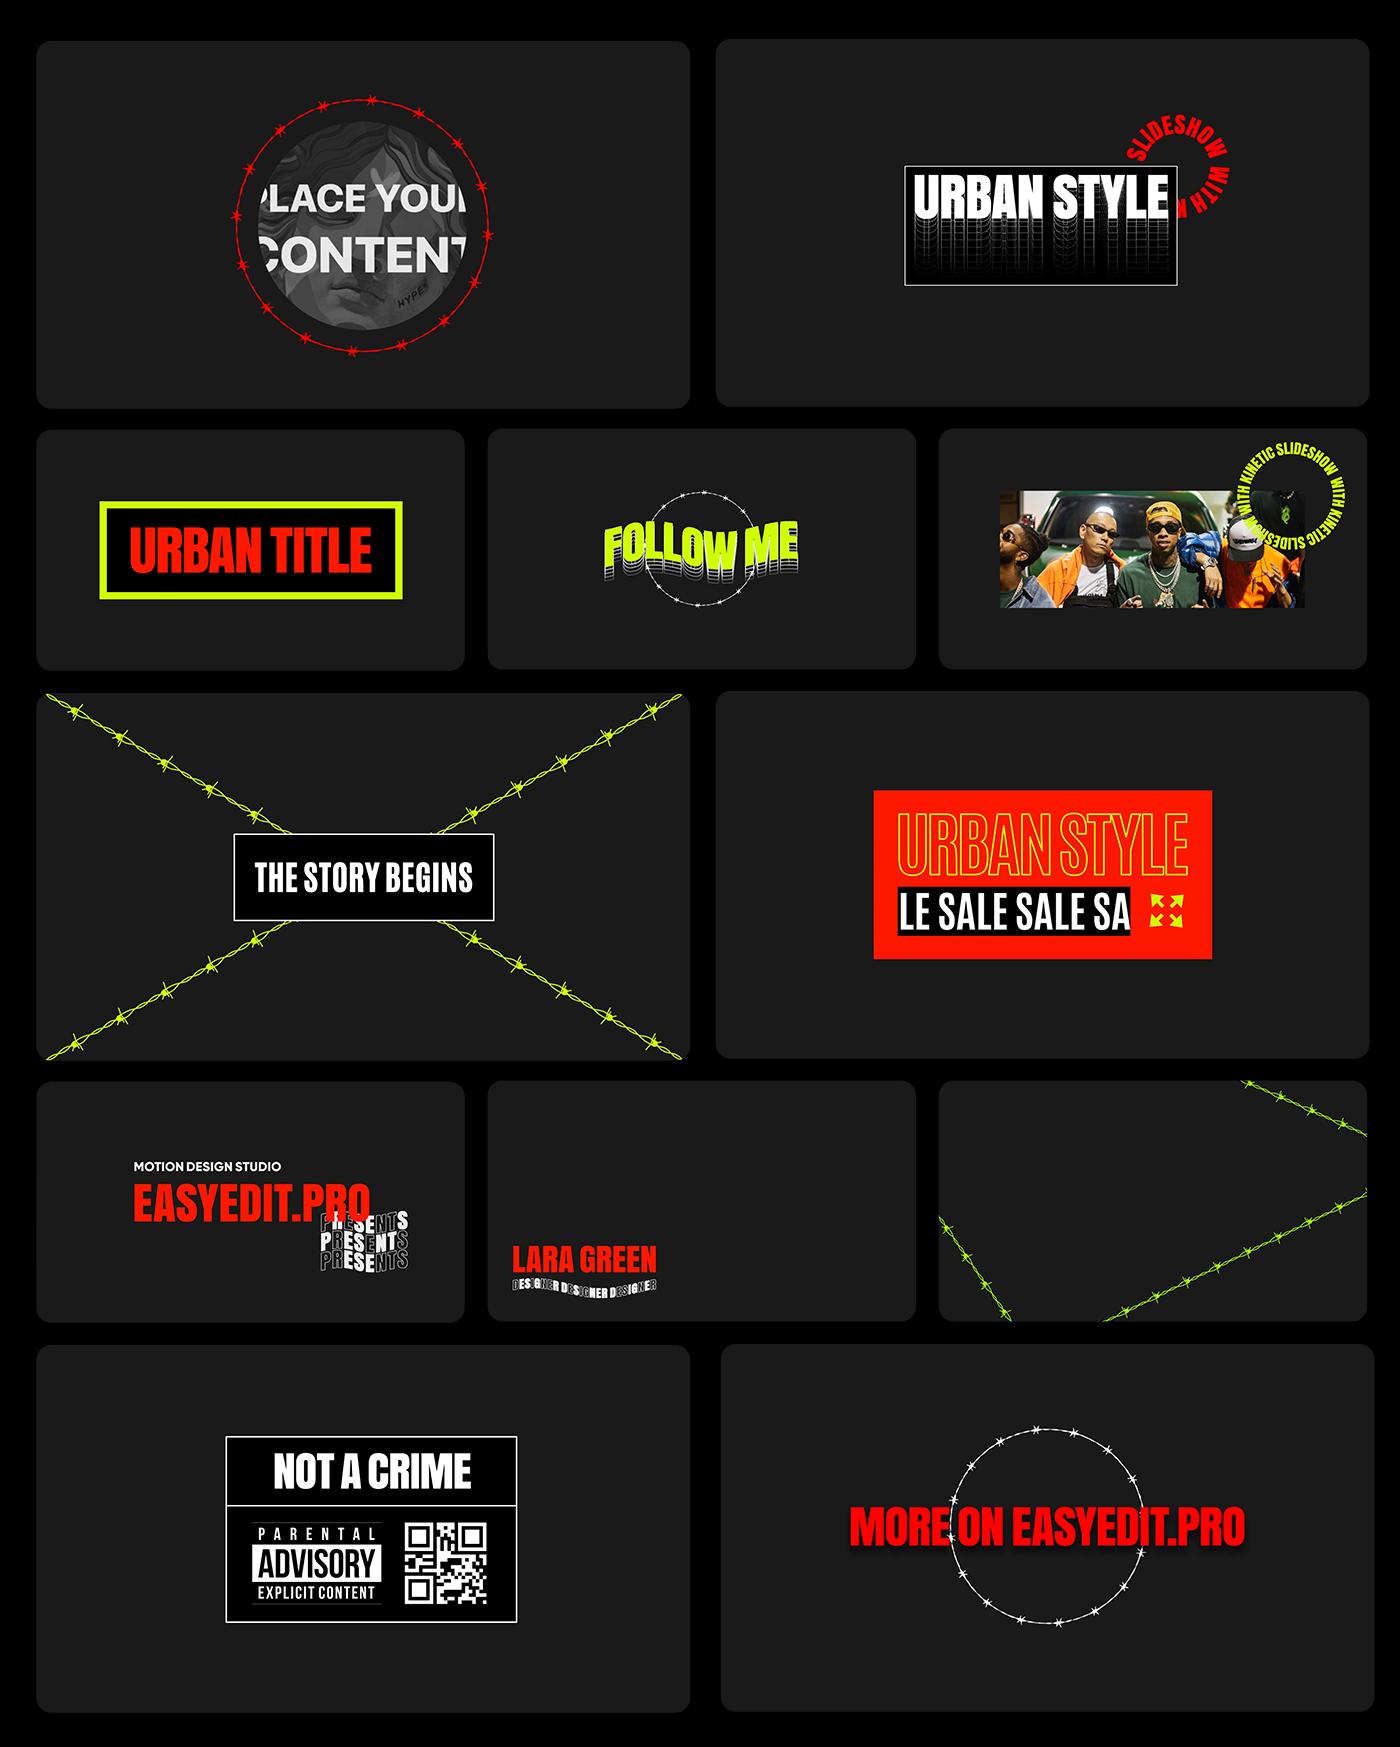 AE脚本-200多个创意文字标题排版时尚宣传视频包装动画工具包 Kinetic Social Pack for Win/Mac破解版插图20